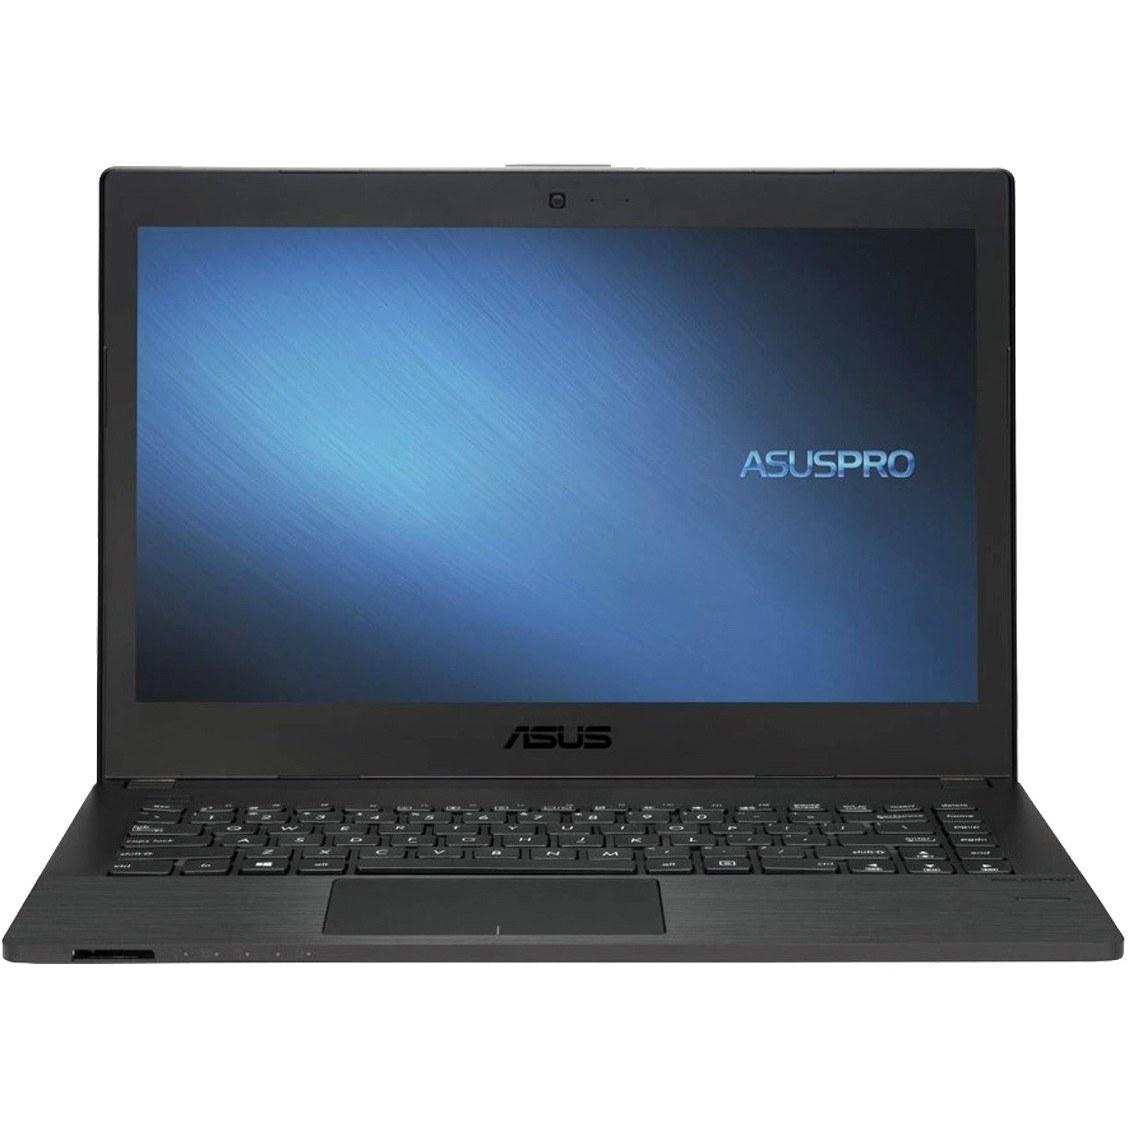 لپ تاپ ایسوس ASUS ASUSPRO P2440UQ Core i7 12GB 2TB 2GB Full HD Laptop